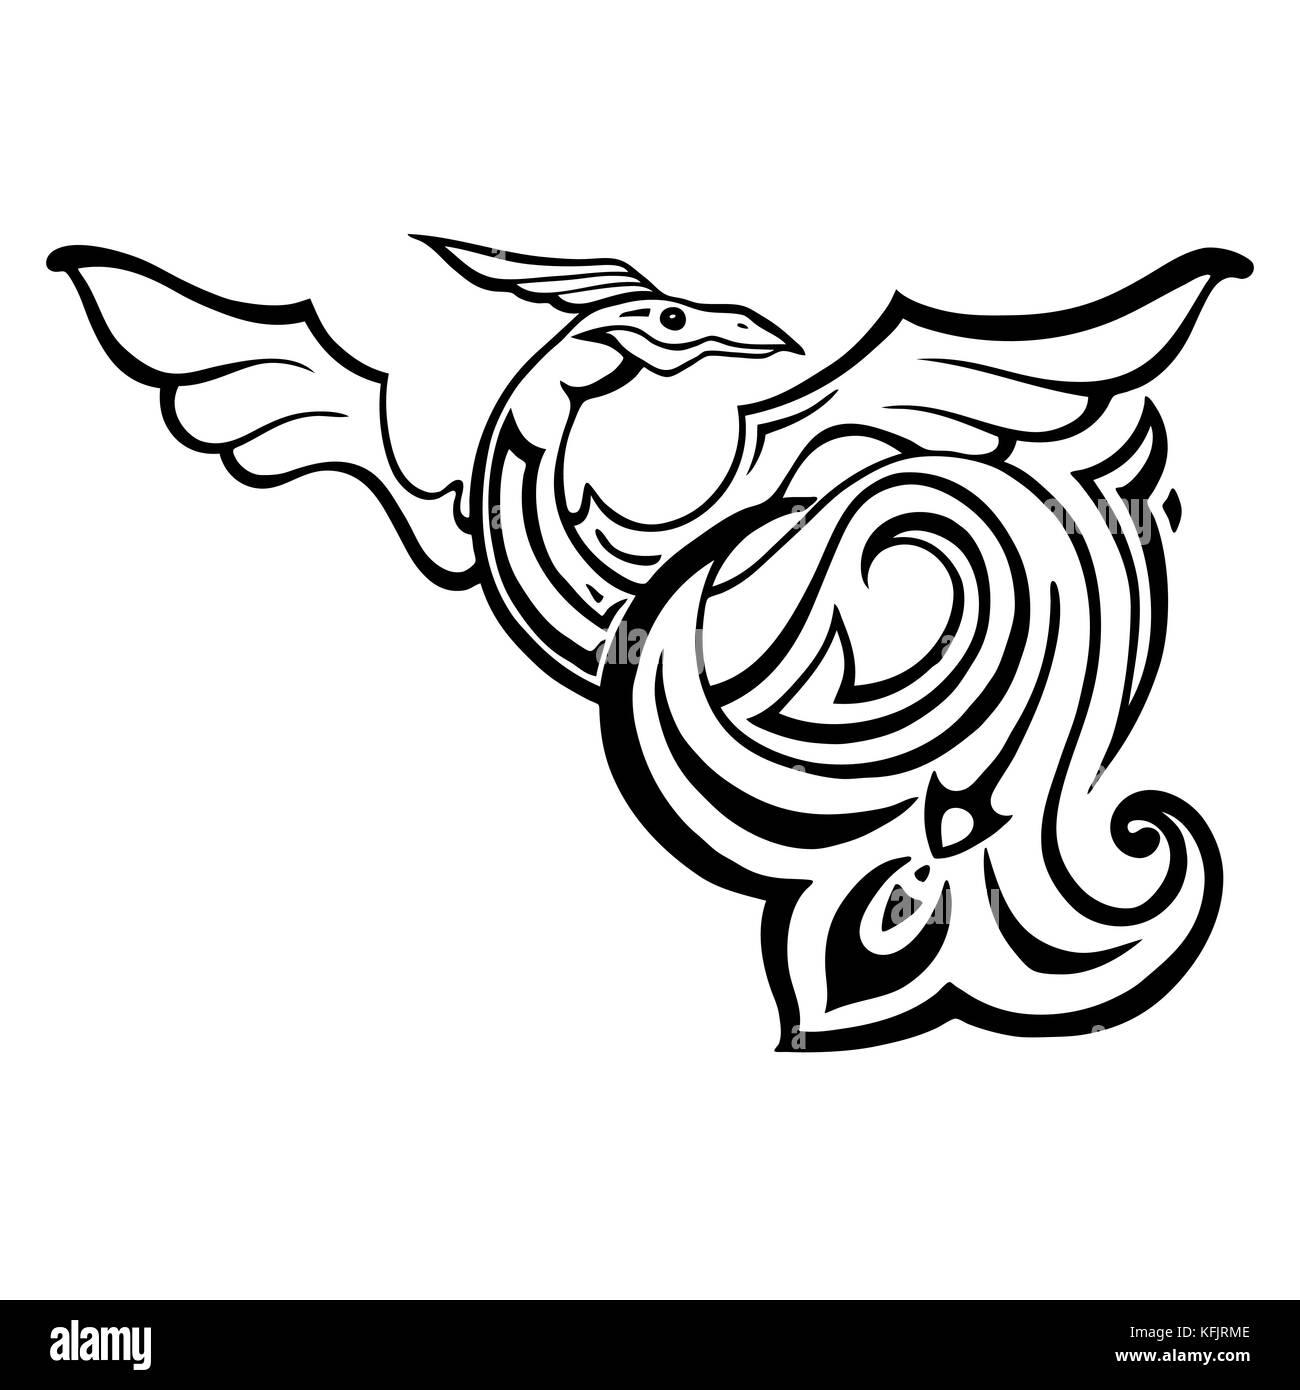 Increíble Página Para Colorear Dragon Breathing Fire Ideas - Dibujos ...